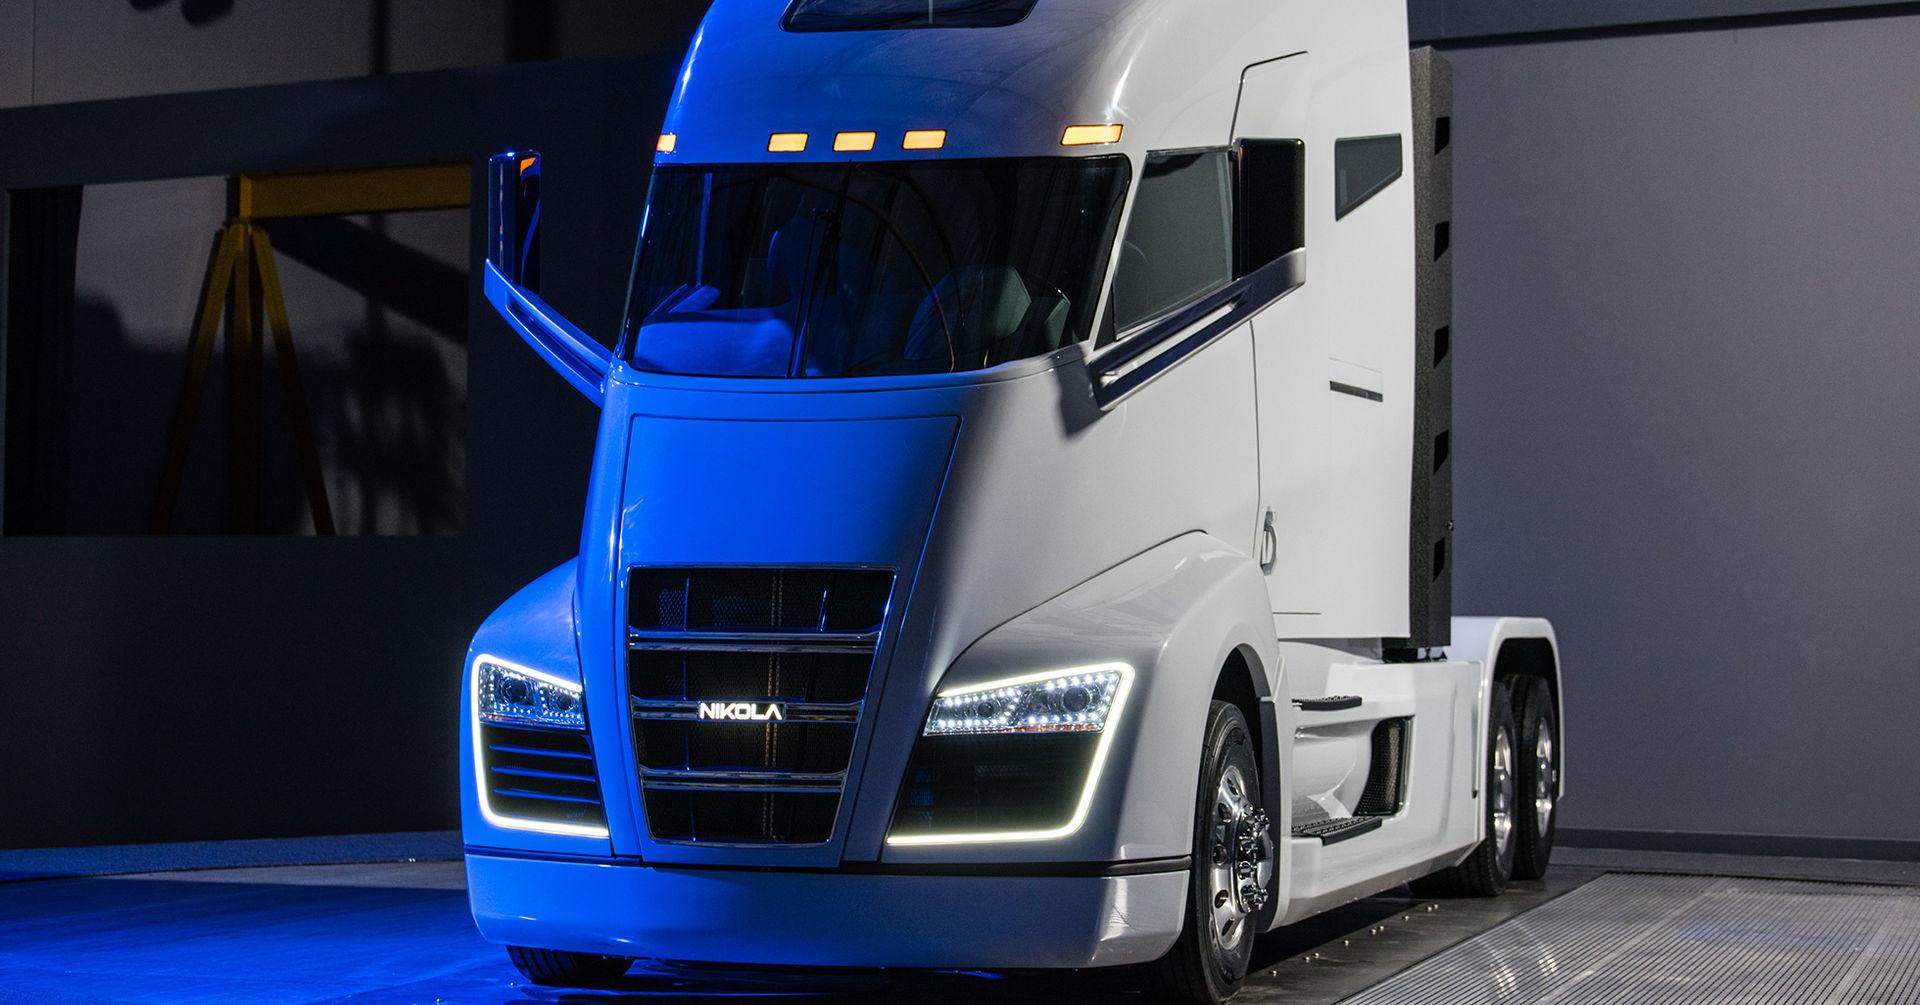 Nikola Motors vätgasdrivna lastbil är presenterad